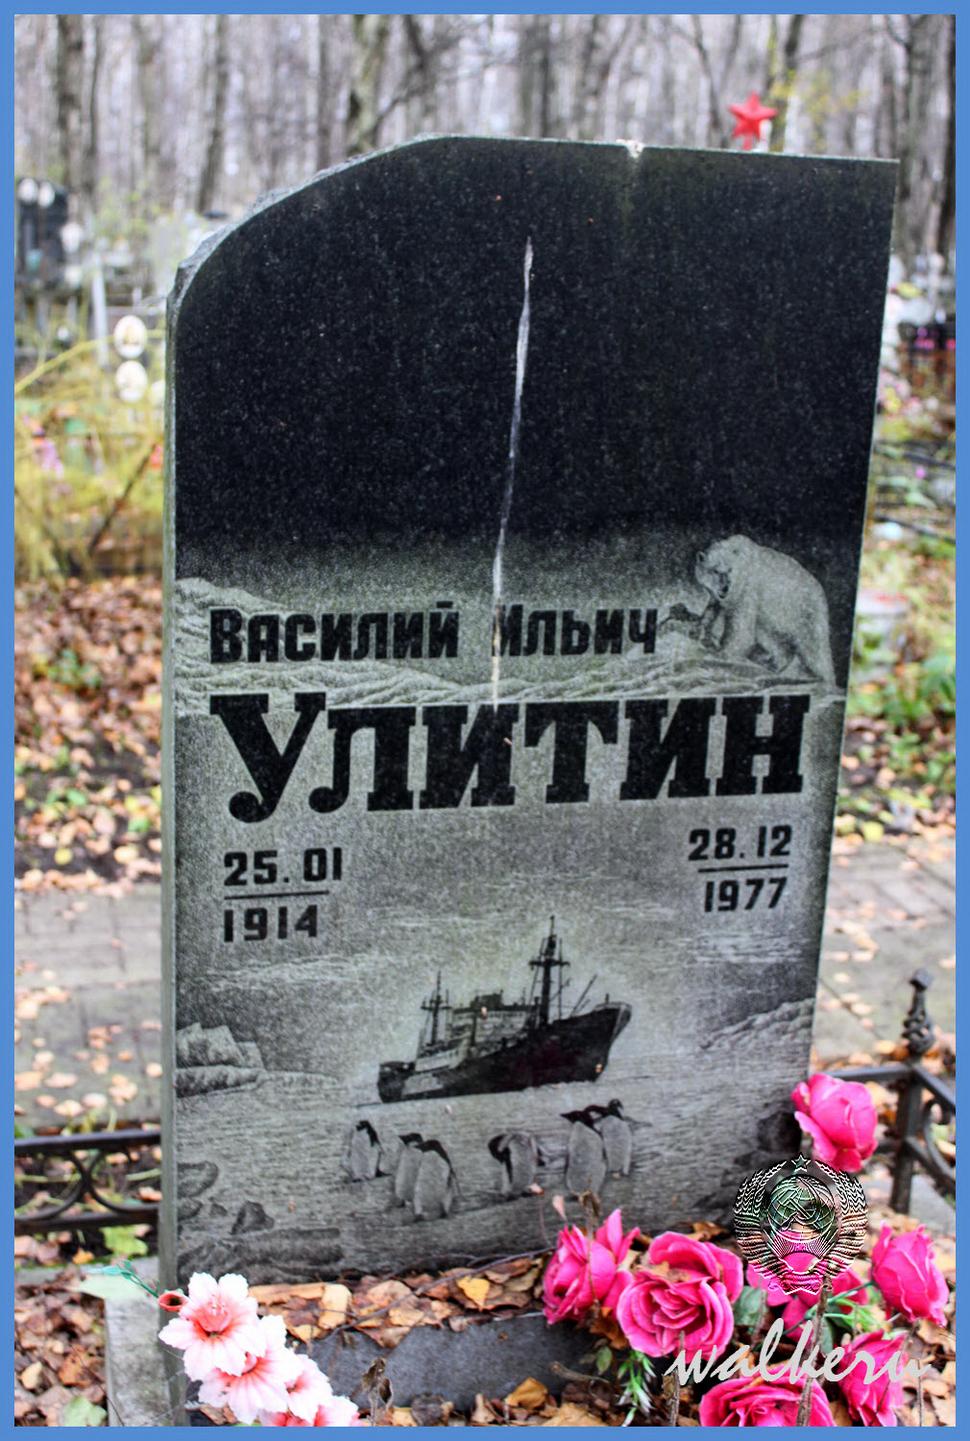 Могила Улитина В.И.на Киновиевском кладбище